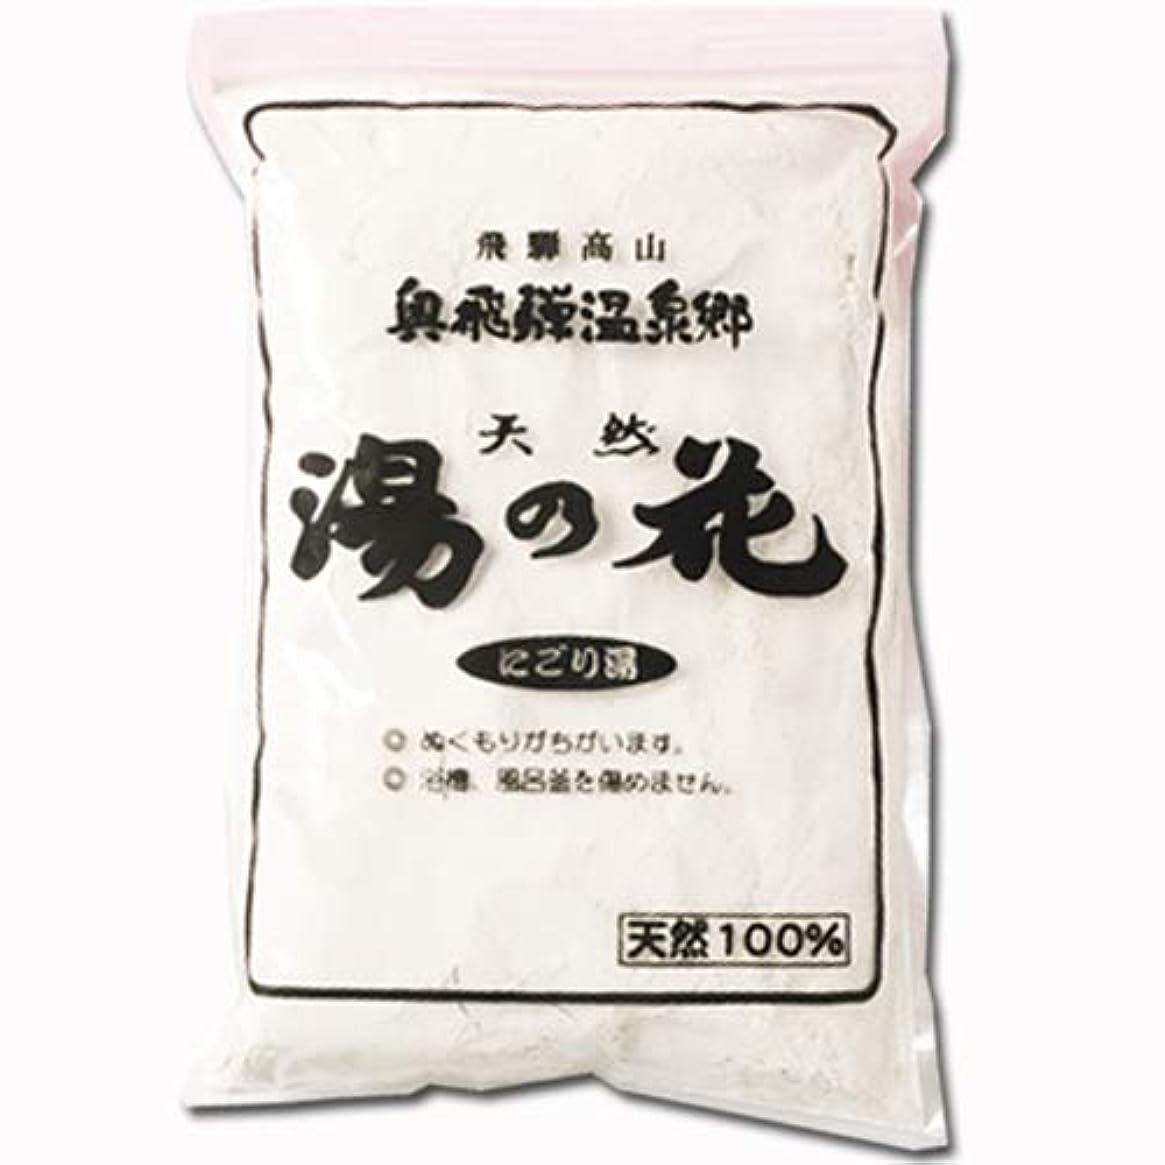 アレイ必要としている懲戒天然湯の花 (業務用) 1kg (飛騨高山温泉郷 にごり湯)